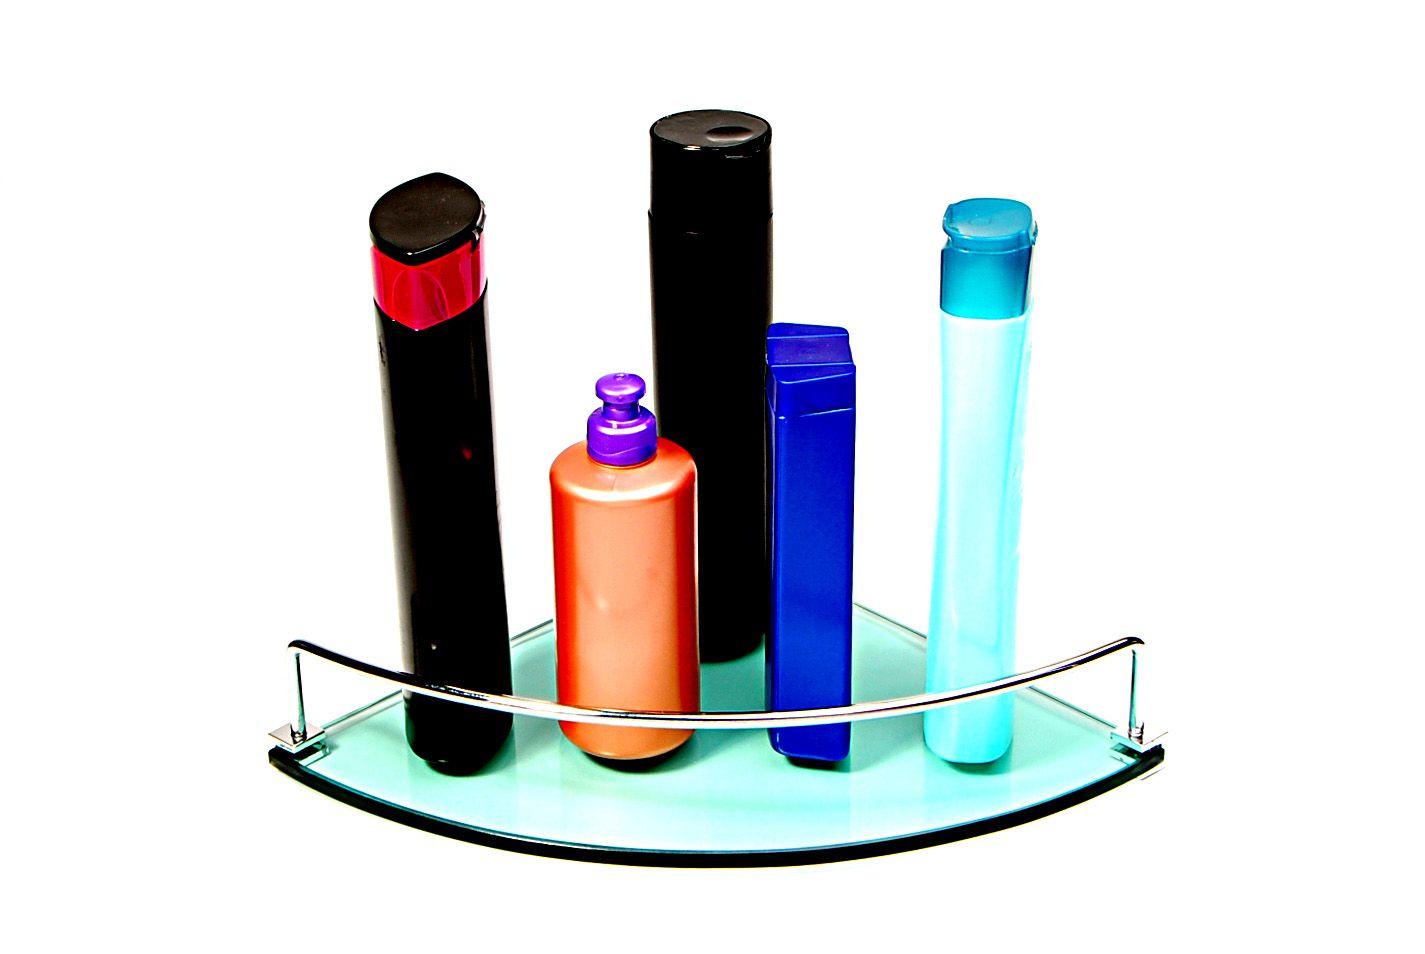 Porta Shampoo de Canto Curvo em Vidro Verde Lapidado - Aquabox  - 25cmx25cmx8mm